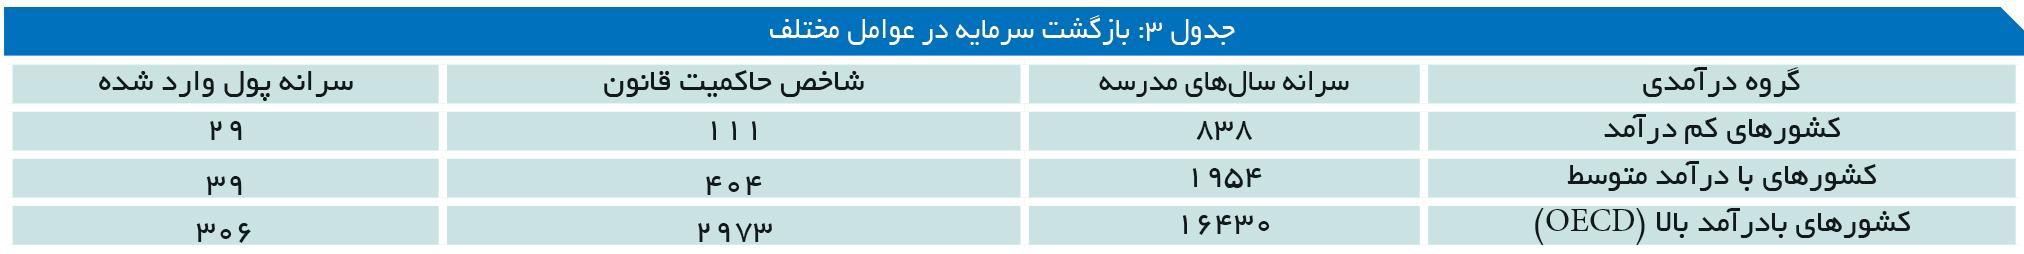 تجارت- فردا- جدول 3: بازگشت سرمایه در عوامل مختلف